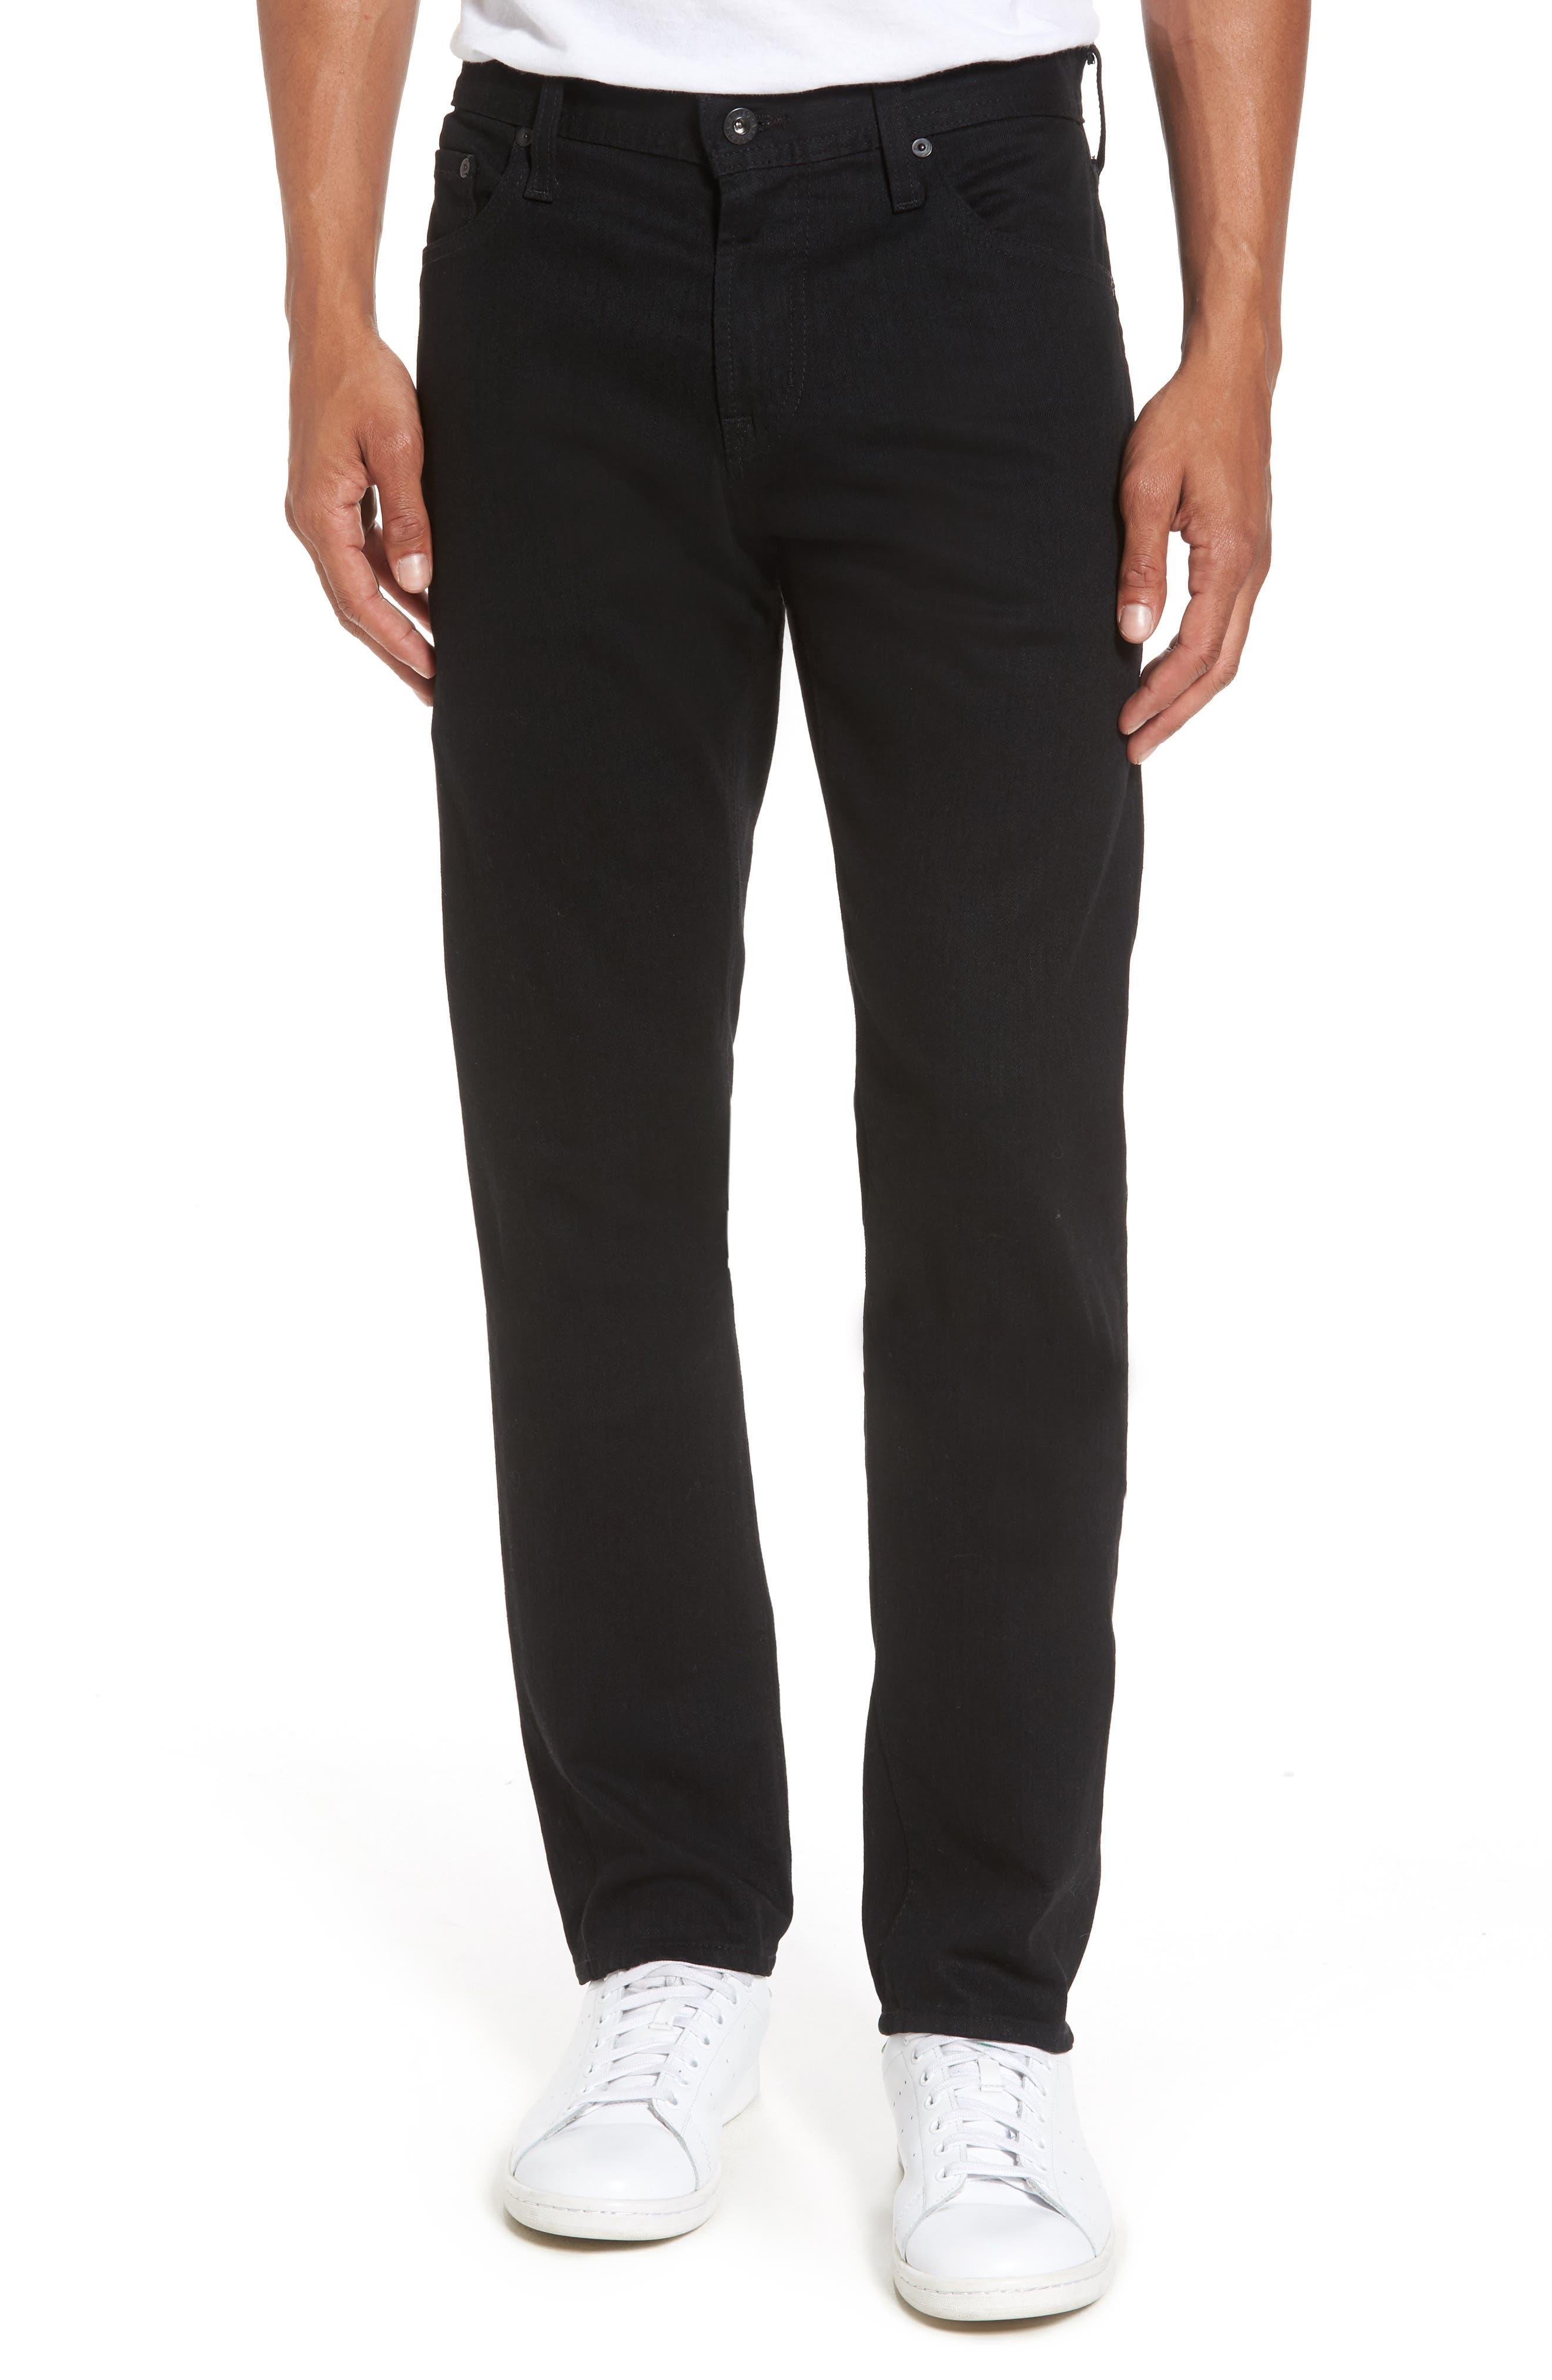 Tellis Slim Fit Jeans,                             Main thumbnail 1, color,                             Deep Pitch